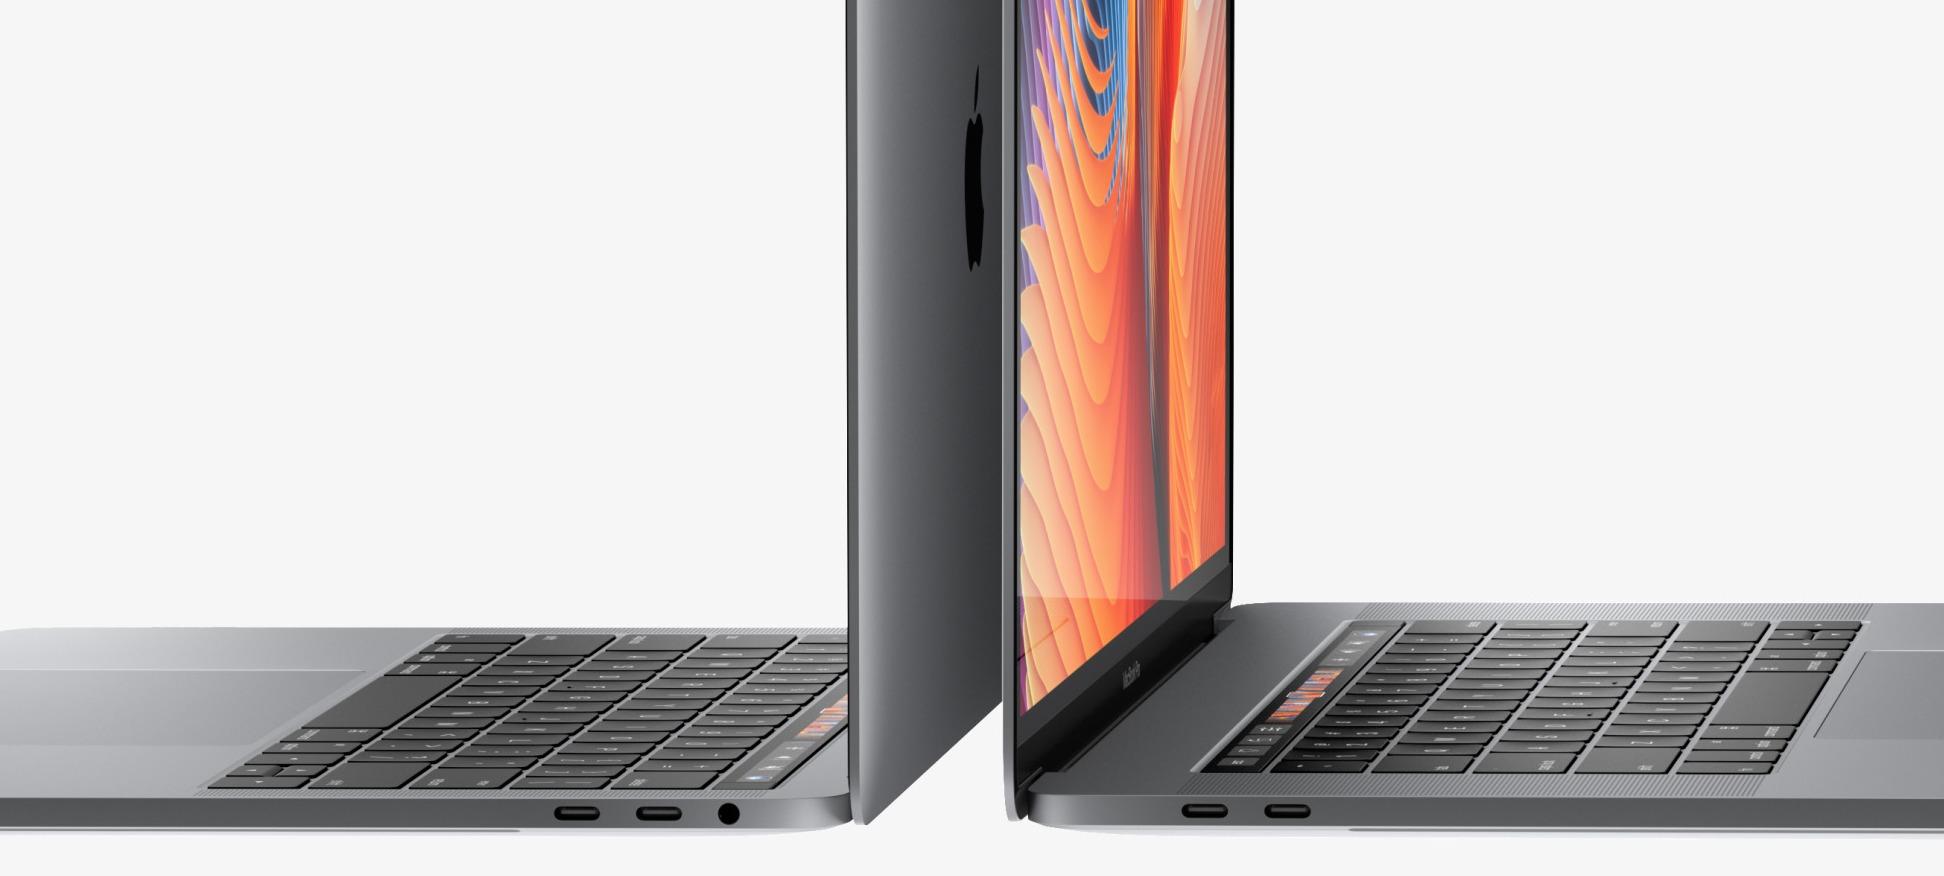 De nye MacBook Pro-maskinene sendes nå de første som har bestilt i Norge, Sverige og Danmark.